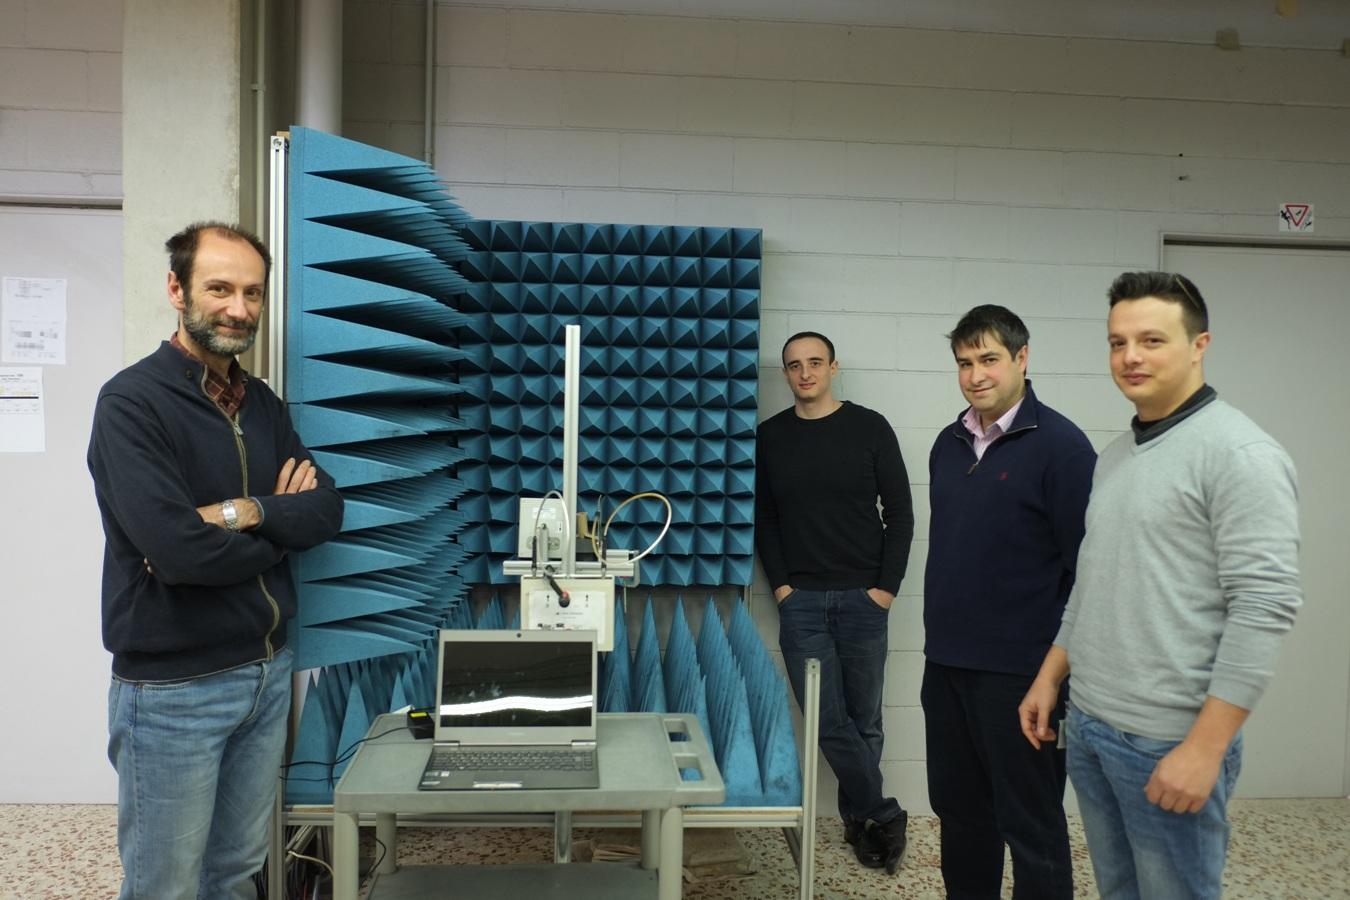 """Però, què són els sensors basats en nanotubs de carboni? Aquests nanotubs són una mena de cilindres amb parets formades per àtoms de carboni enllaçats entre ells. A més, són molt petits: el seu diàmetre és d'uns pocs nanòmetres. Un nanòmetre és la milionèsima part d'un mil·límetre. Per fer-se una idea, el diàmetre d'un cabell, de mitjana, és de 0,1 mil·límetres, és a dir, 100.000 nanòmetres. Com que és tan petit, tots els àtoms de carboni estan en contacte amb l'ambient i tenen una gran superfície per interactuar amb els gasos que es volen detectar. Per al sensor """"no utilitzem un únic nanotub de carboni, sinó una capa de nanotubs que posem sobre una mena de targeta, similar a una targeta de crèdit"""", explica l'investigador Eduard Llobet. Aquest sensor està connectat a uns elèctrodes que permeten mesurar-ne la resistència. """"En presència de gasos hi ha una variació d'aquesta resistència"""", afegeix. D'aquesta forma, és possible conèixer el nivell de diòxid de nitrogen a l'ambient en el moment de la lectura. Lectura sense fil Per recollir la informació sobre el nivell de contaminació s'utilitza una tecnologia de sensor sense fil, anomenada RFID. És el mateix sistema que utilitzen, per exemple, els abonaments de l'autobús. D'aquesta forma n'hi ha prou d'acostar-se uns metres al sensor amb un lector per conèixer-ne el valor. El lector envia un senyal i el sensor, que està alimentat per una pila, s'activa i retorna el nivell de contaminació en aquell moment. En un futur, la lectura del sensor també podria recollir-se mitjançant un telèfon mòbil equipat amb aquesta tecnologia i una app amb aquesta funció."""